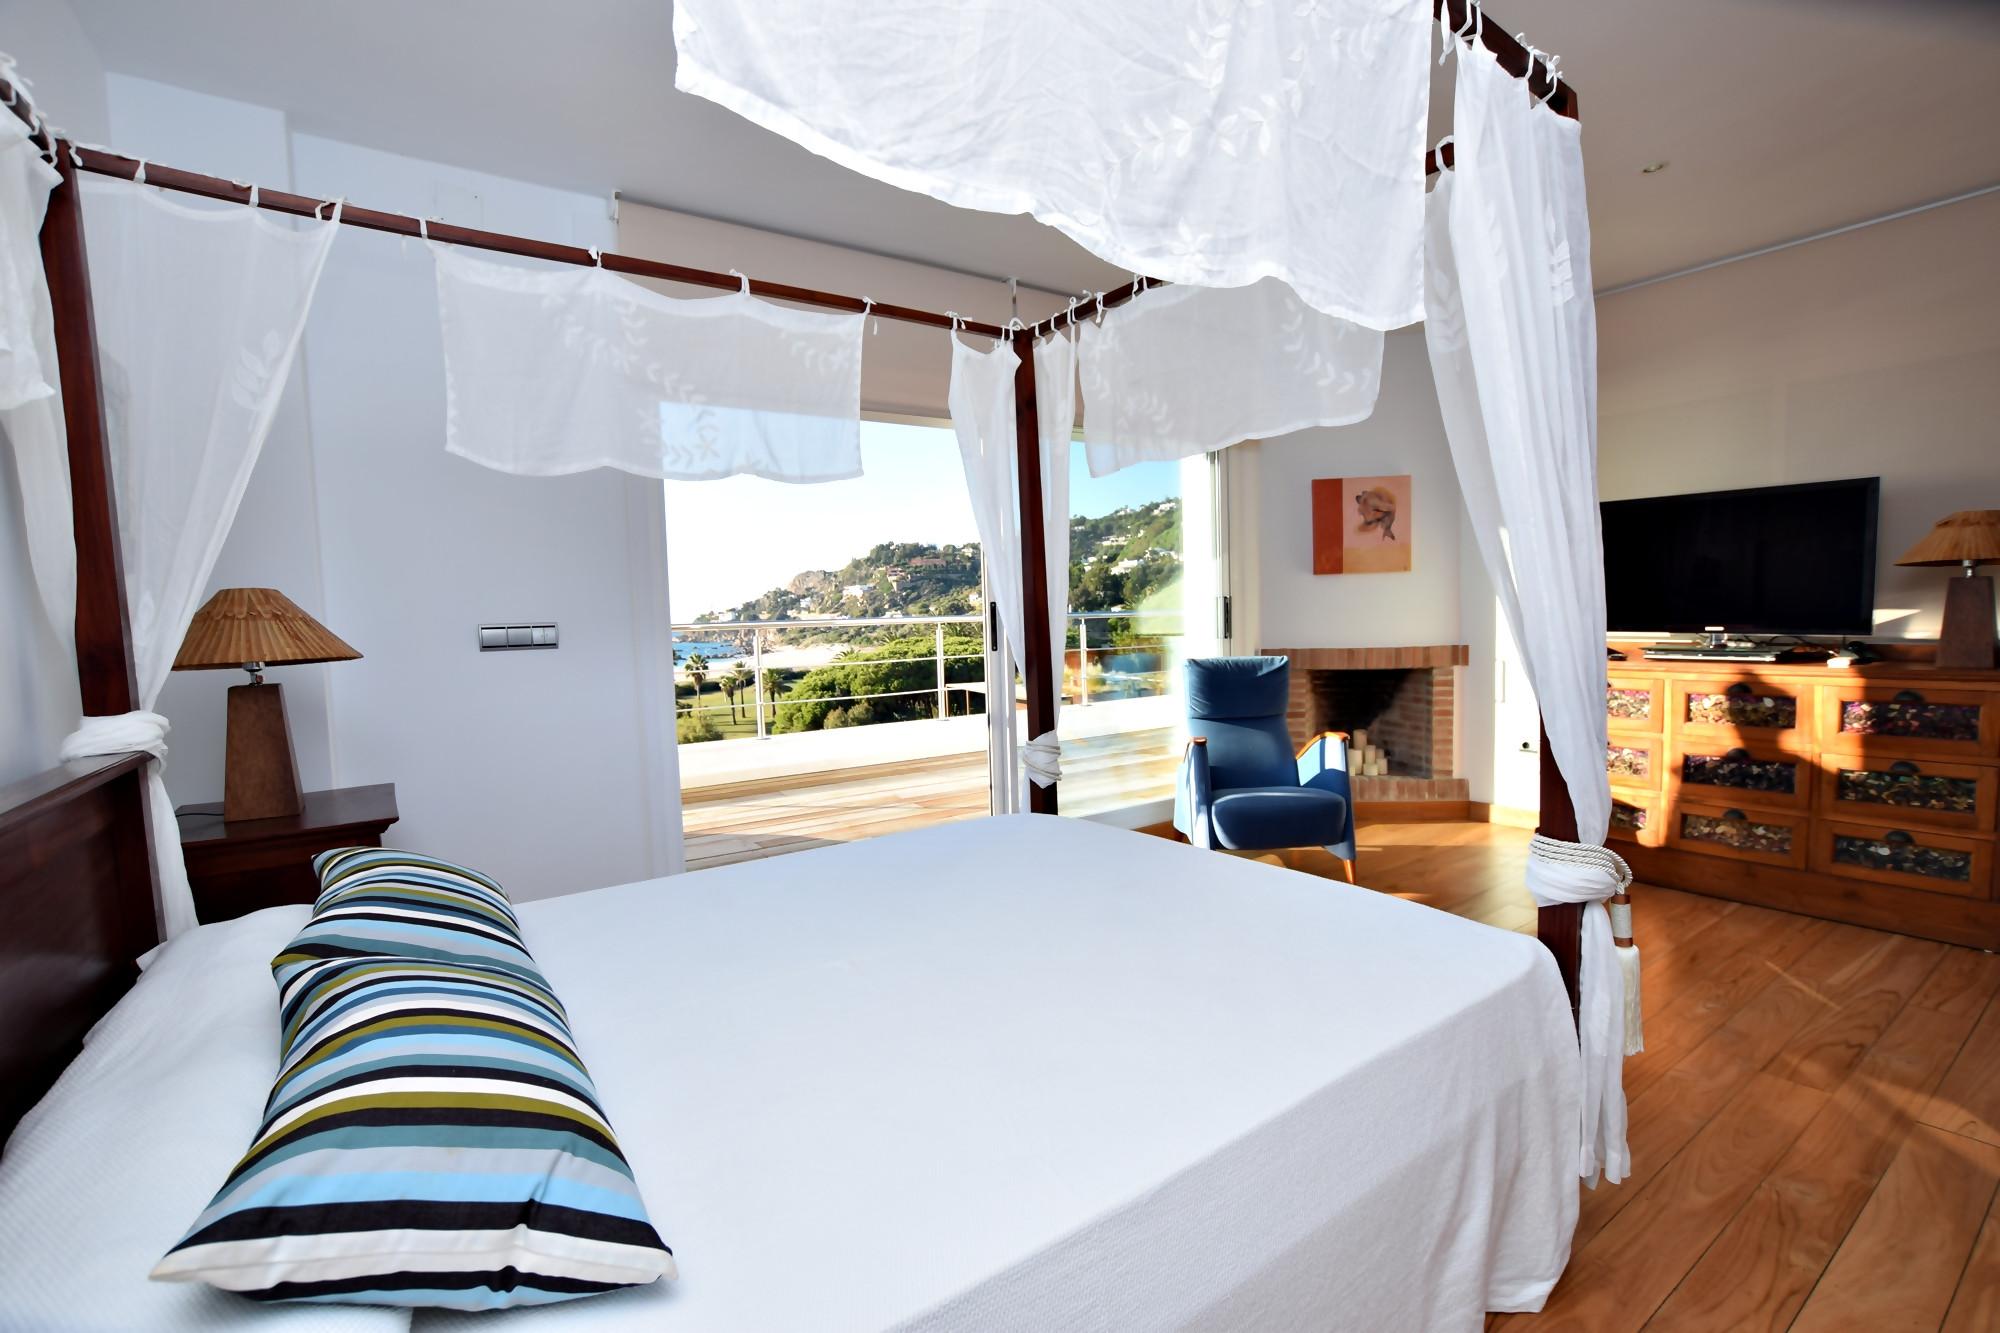 Pralaya - Dormitorio principal con acceso a la Terraza